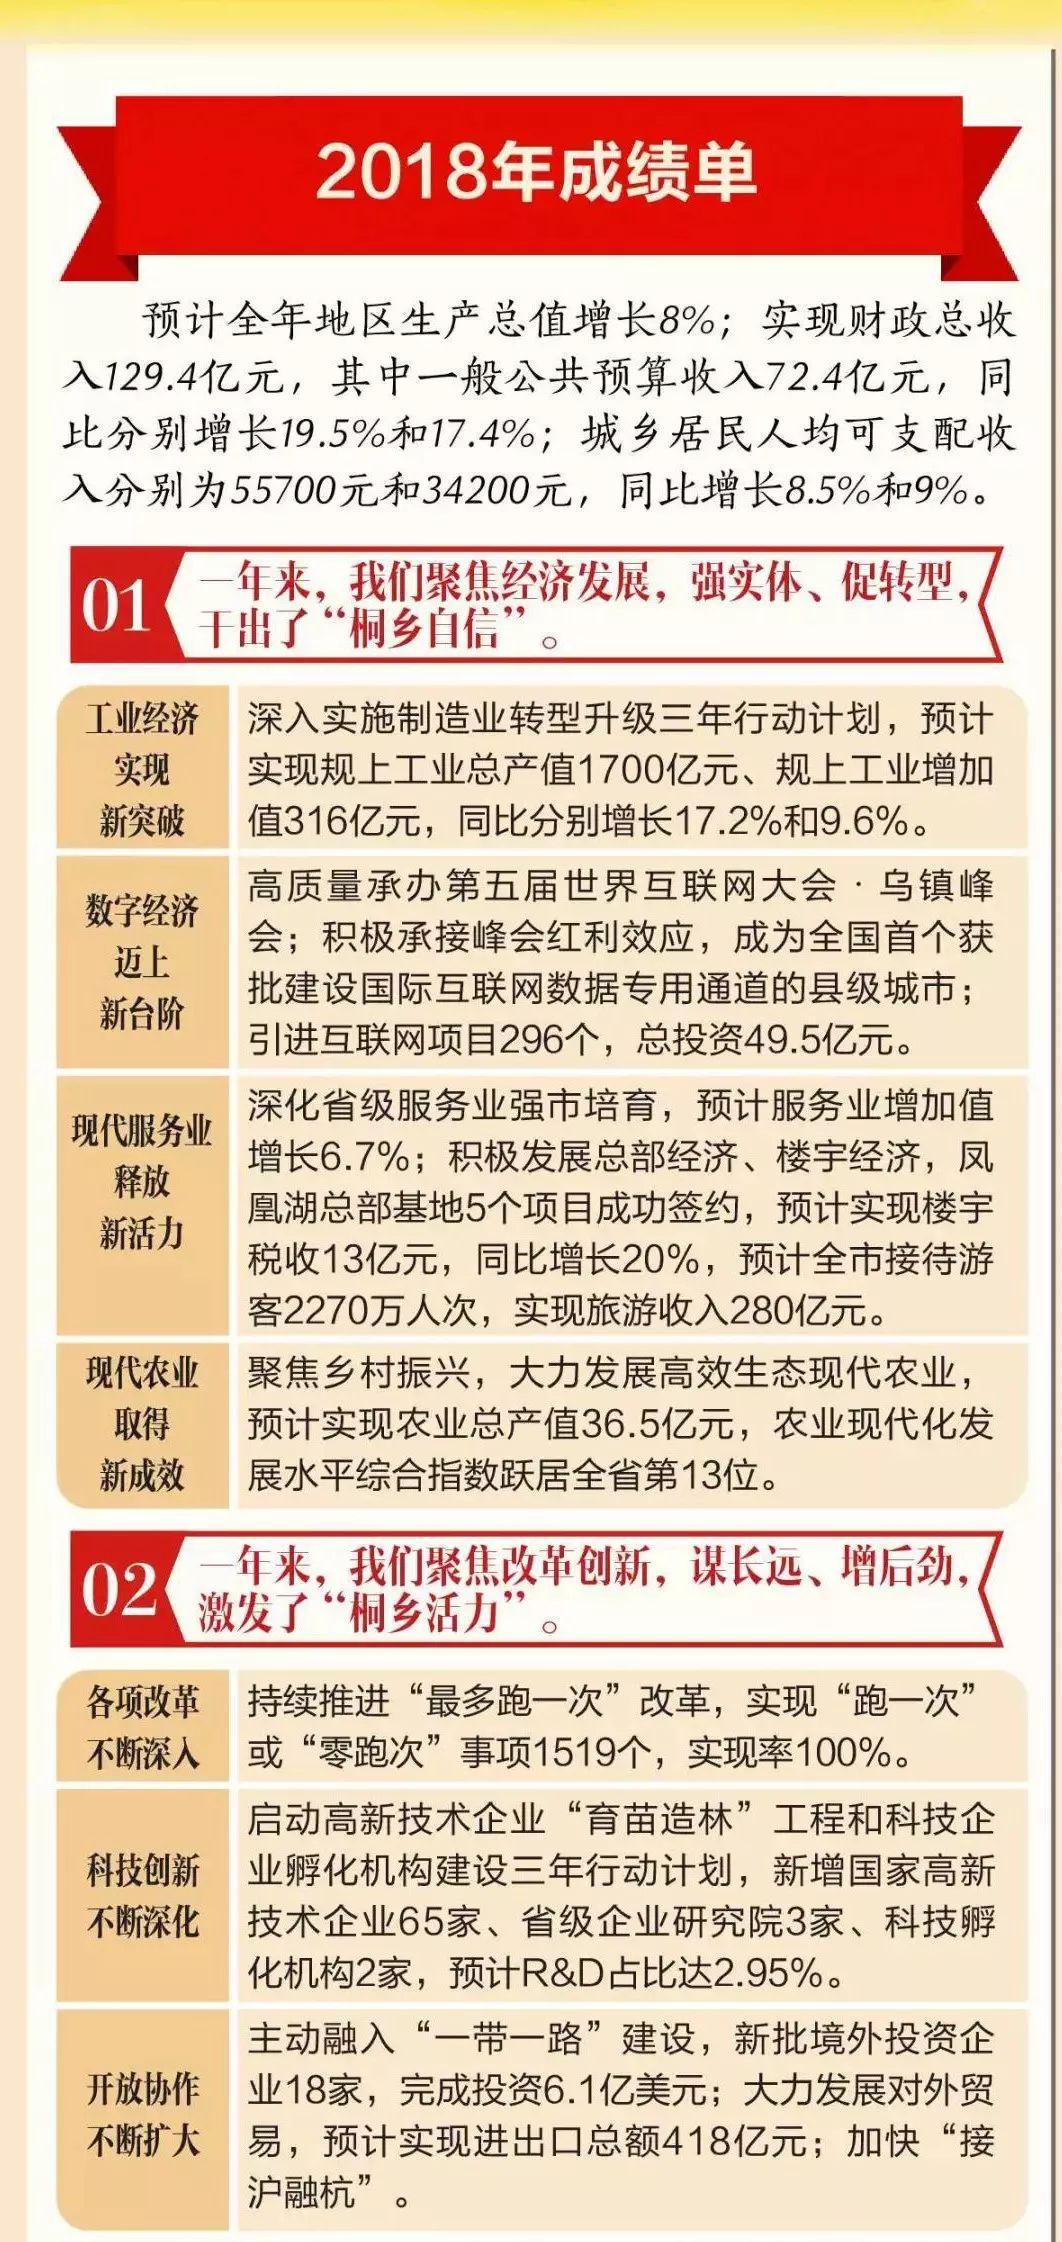 桐乡2018经济总量_桐乡经济开发区图